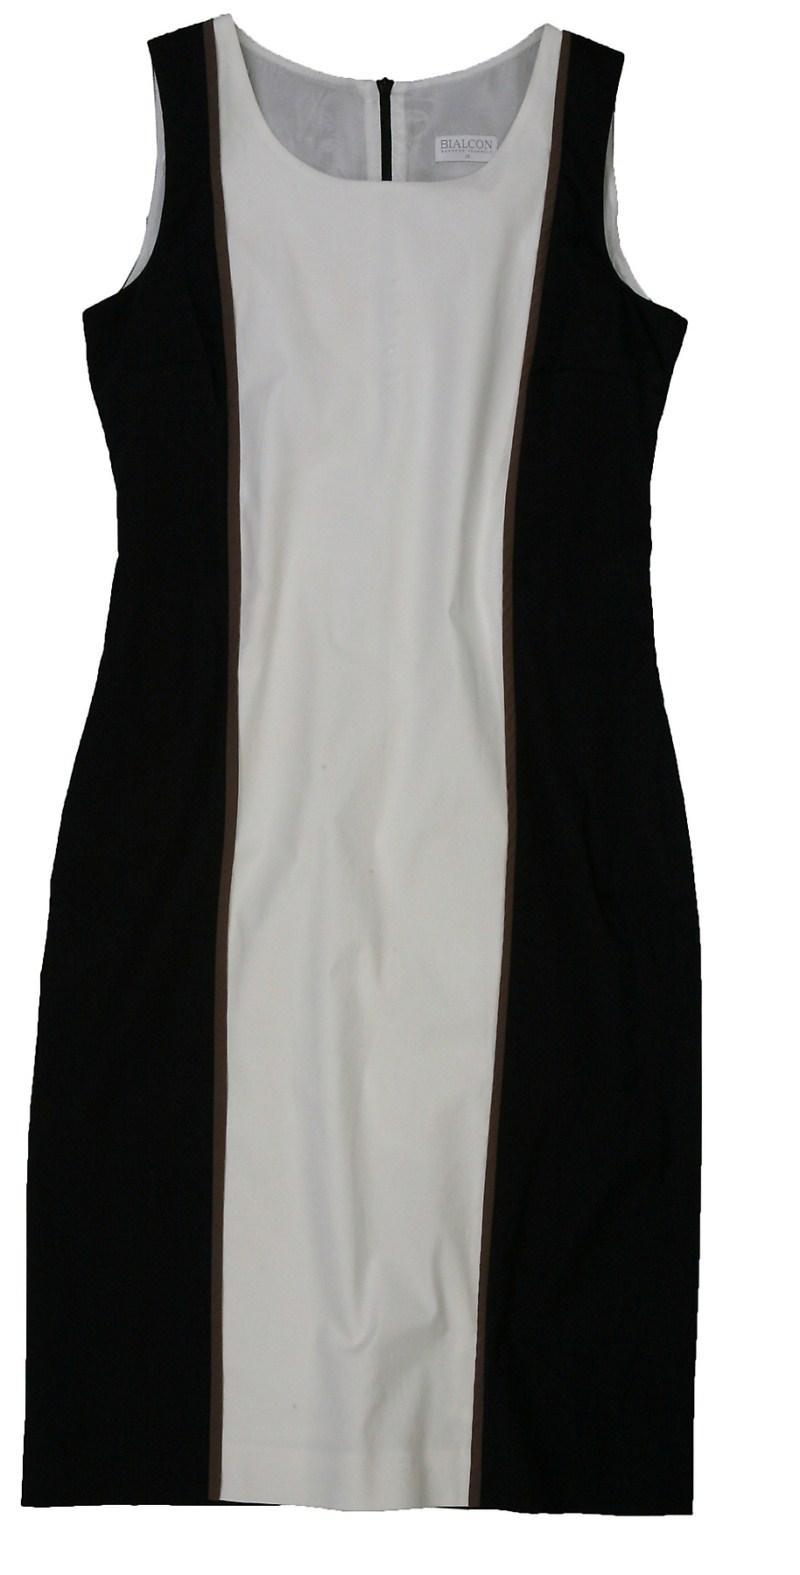 sukienka Bialcon - letnia kolekcja